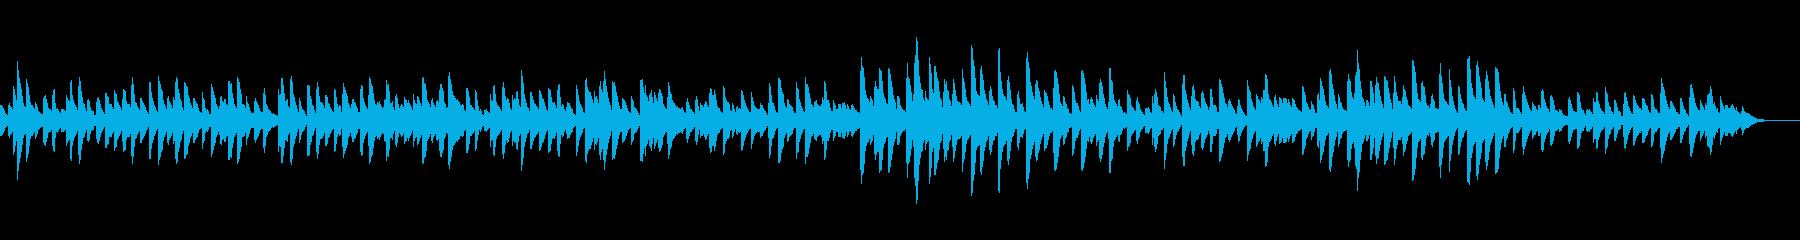 モーツアルトK331のオルゴールの再生済みの波形